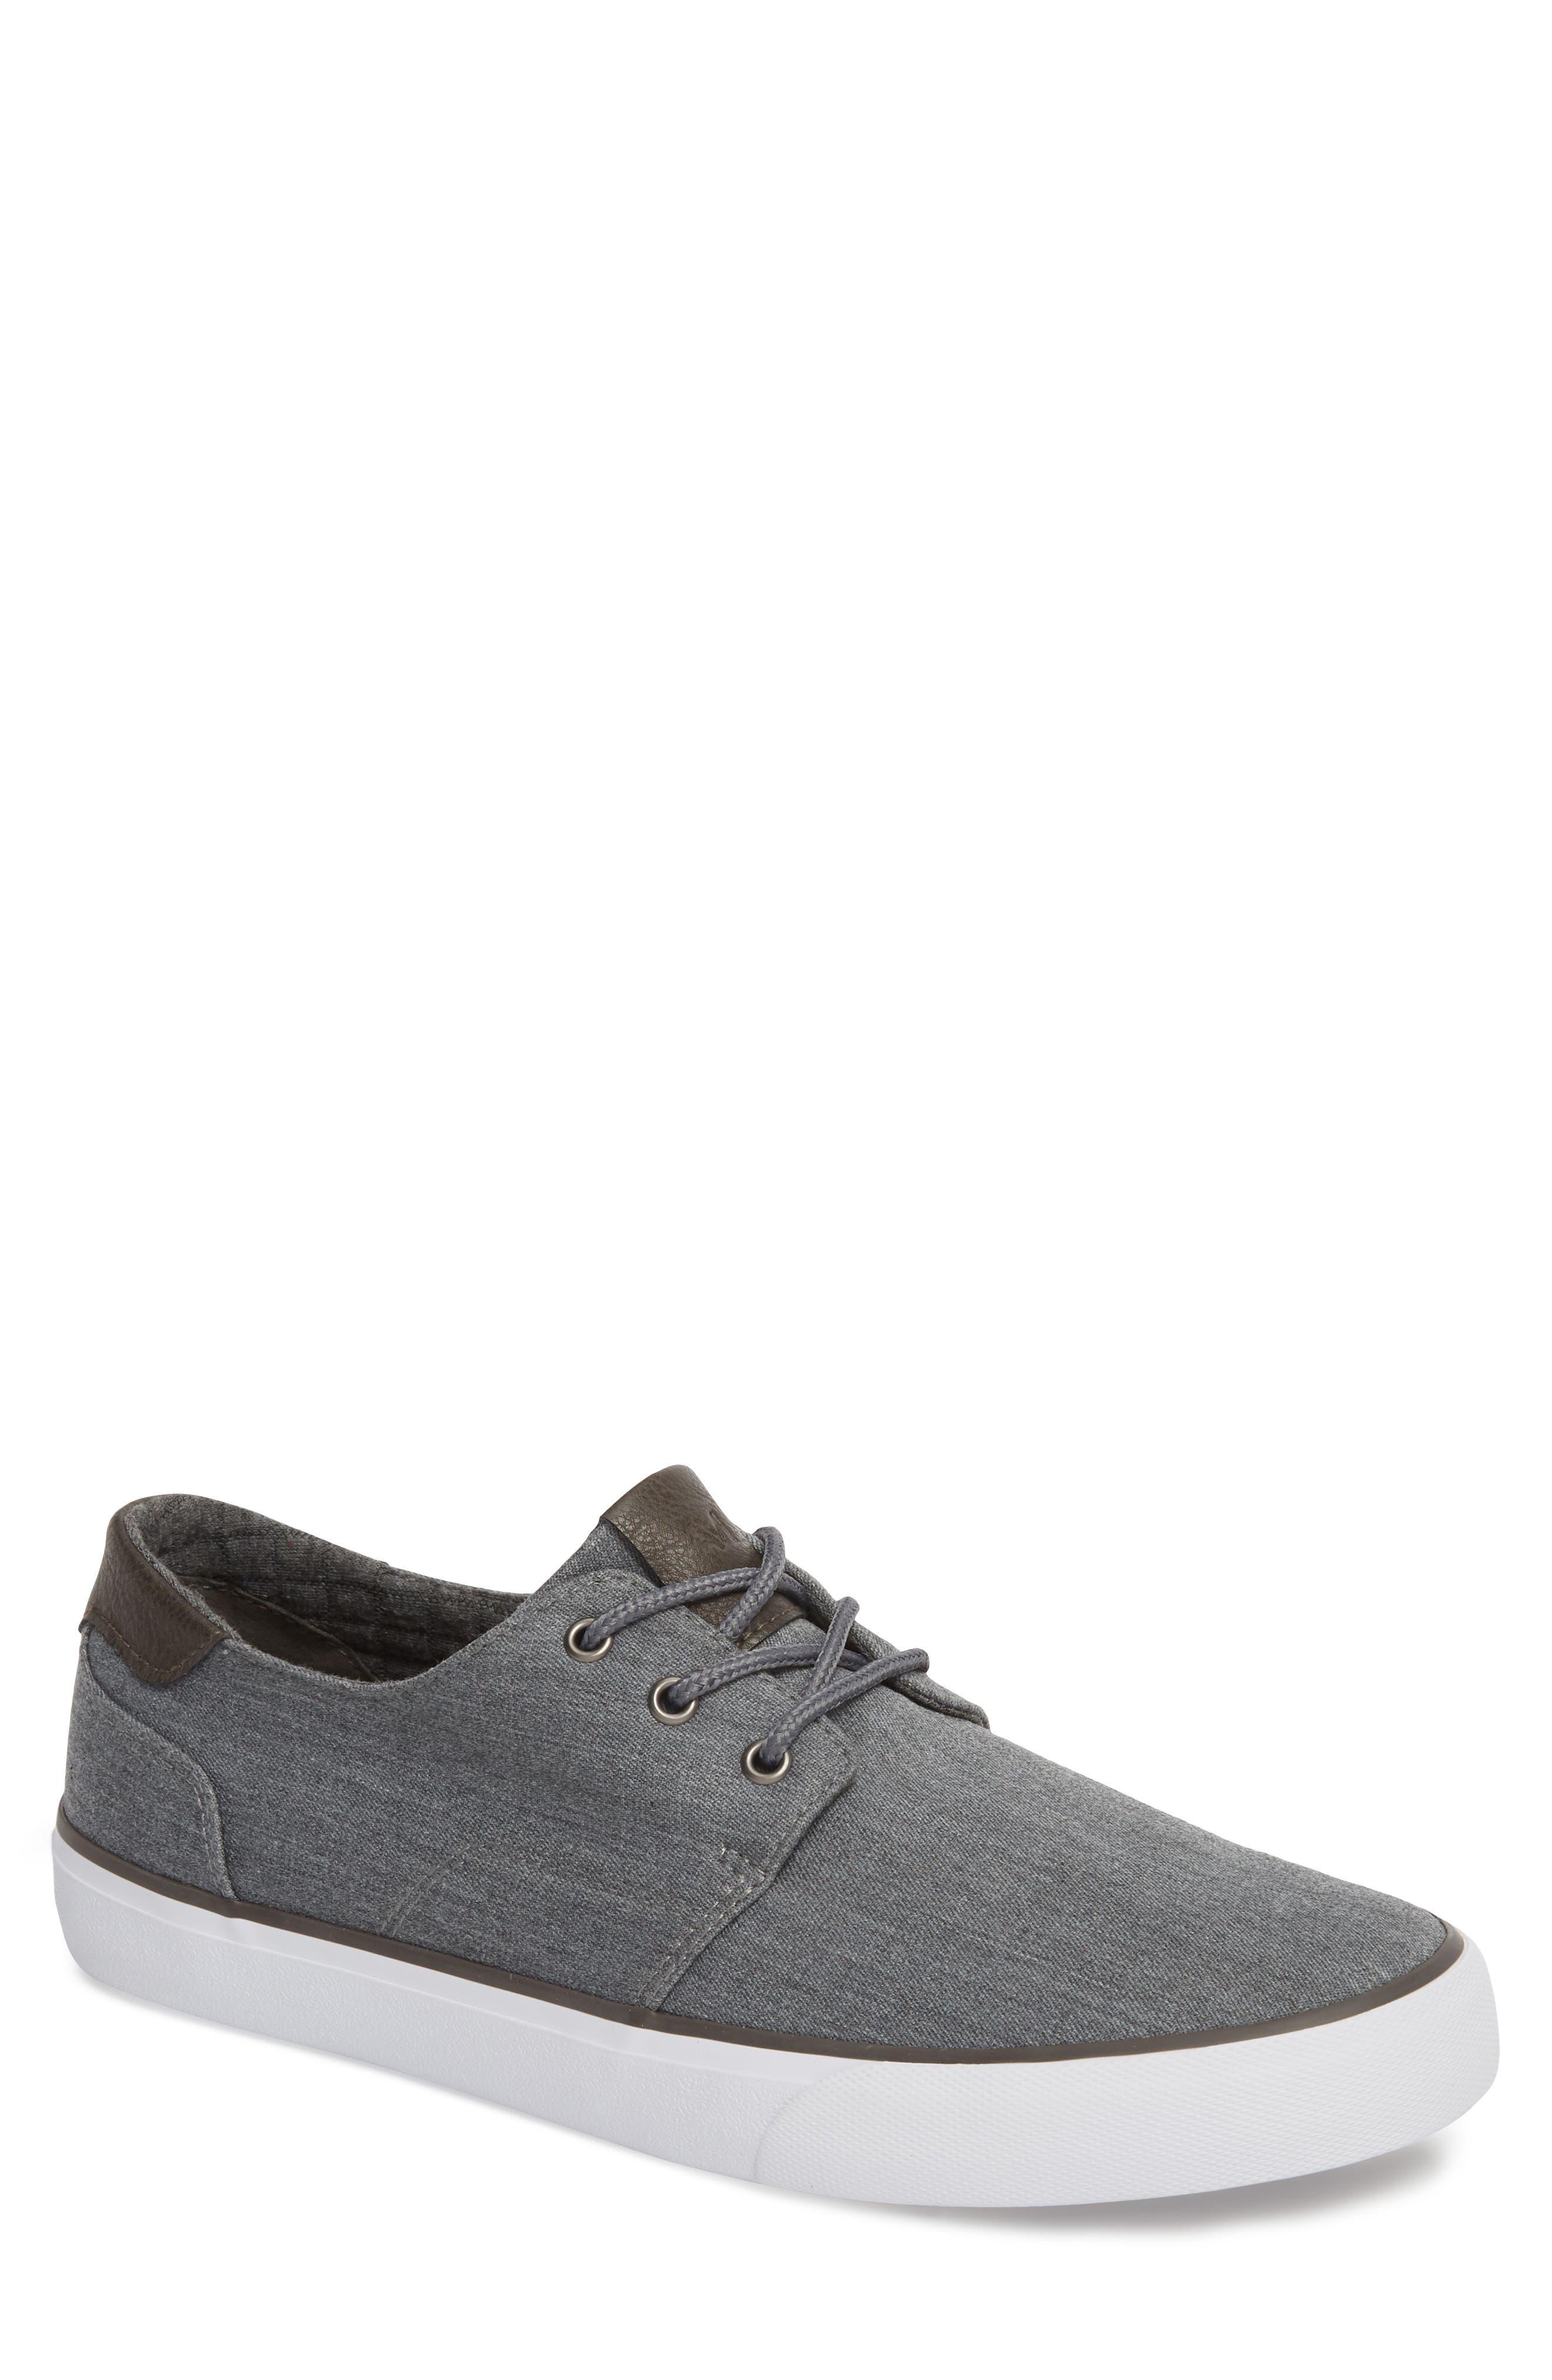 Briggs Low Top Sneaker,                             Main thumbnail 1, color,                             CHARCOAL/ DARK GREY/ WHITE